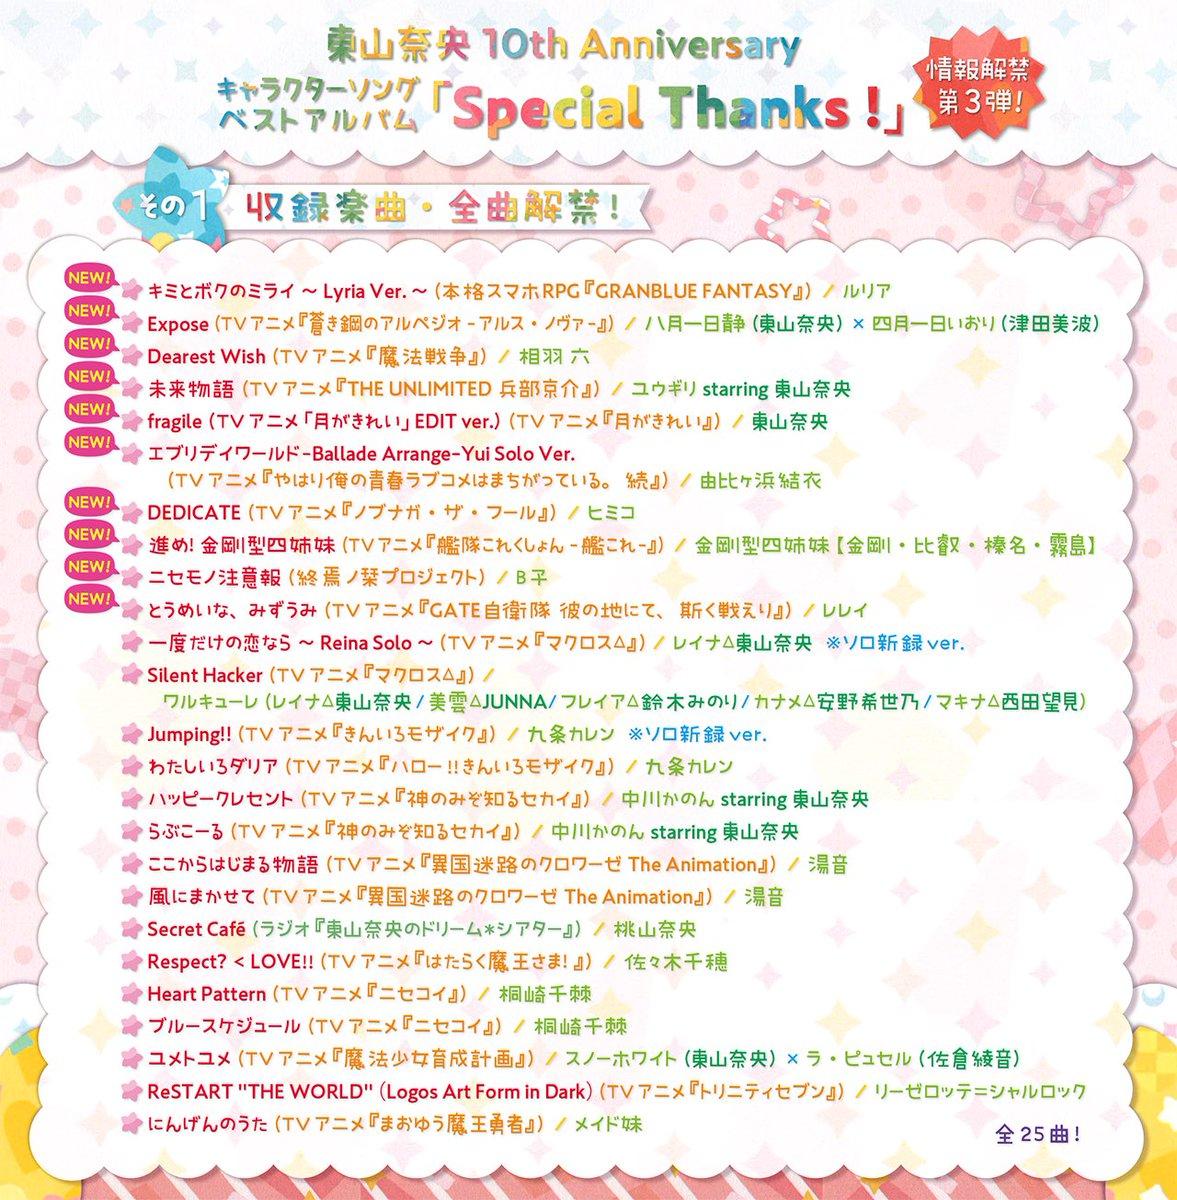 【アルバム情報】東山奈央キャラクターソングベストアルバム「Special Thanks!」🎁収録曲全曲🎁アニメ主題歌カバー曲が解禁❗️アニメ主題歌カバー曲はこのアルバムのみに収録される貴重な楽曲なので必聴です❗️#なおぼうキャラソンベスト